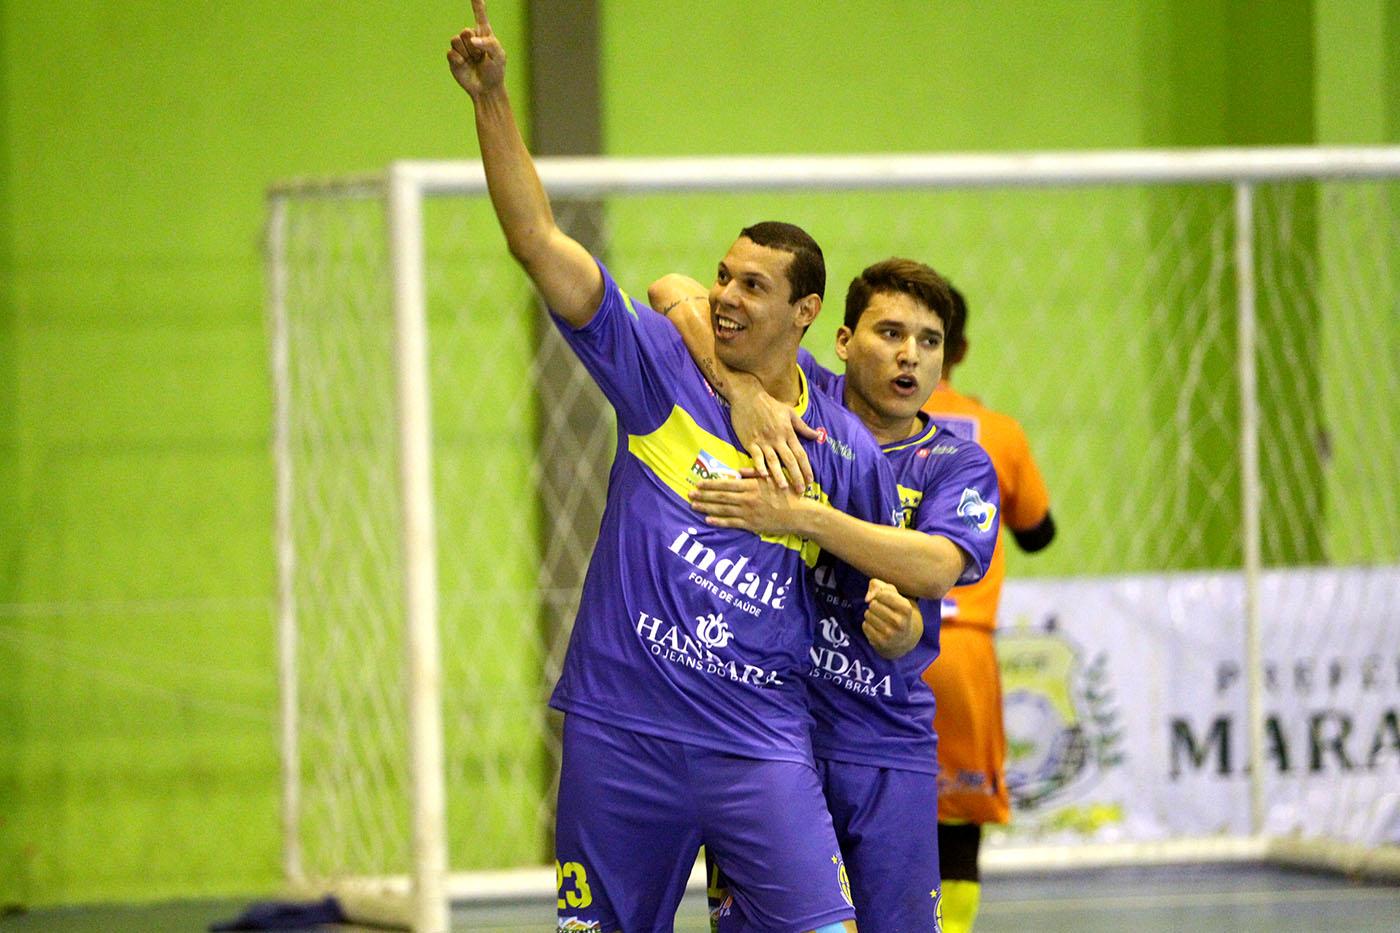 Com goleada, Horizonte se classifica às semifinais e enfrenta ... - Globo.com